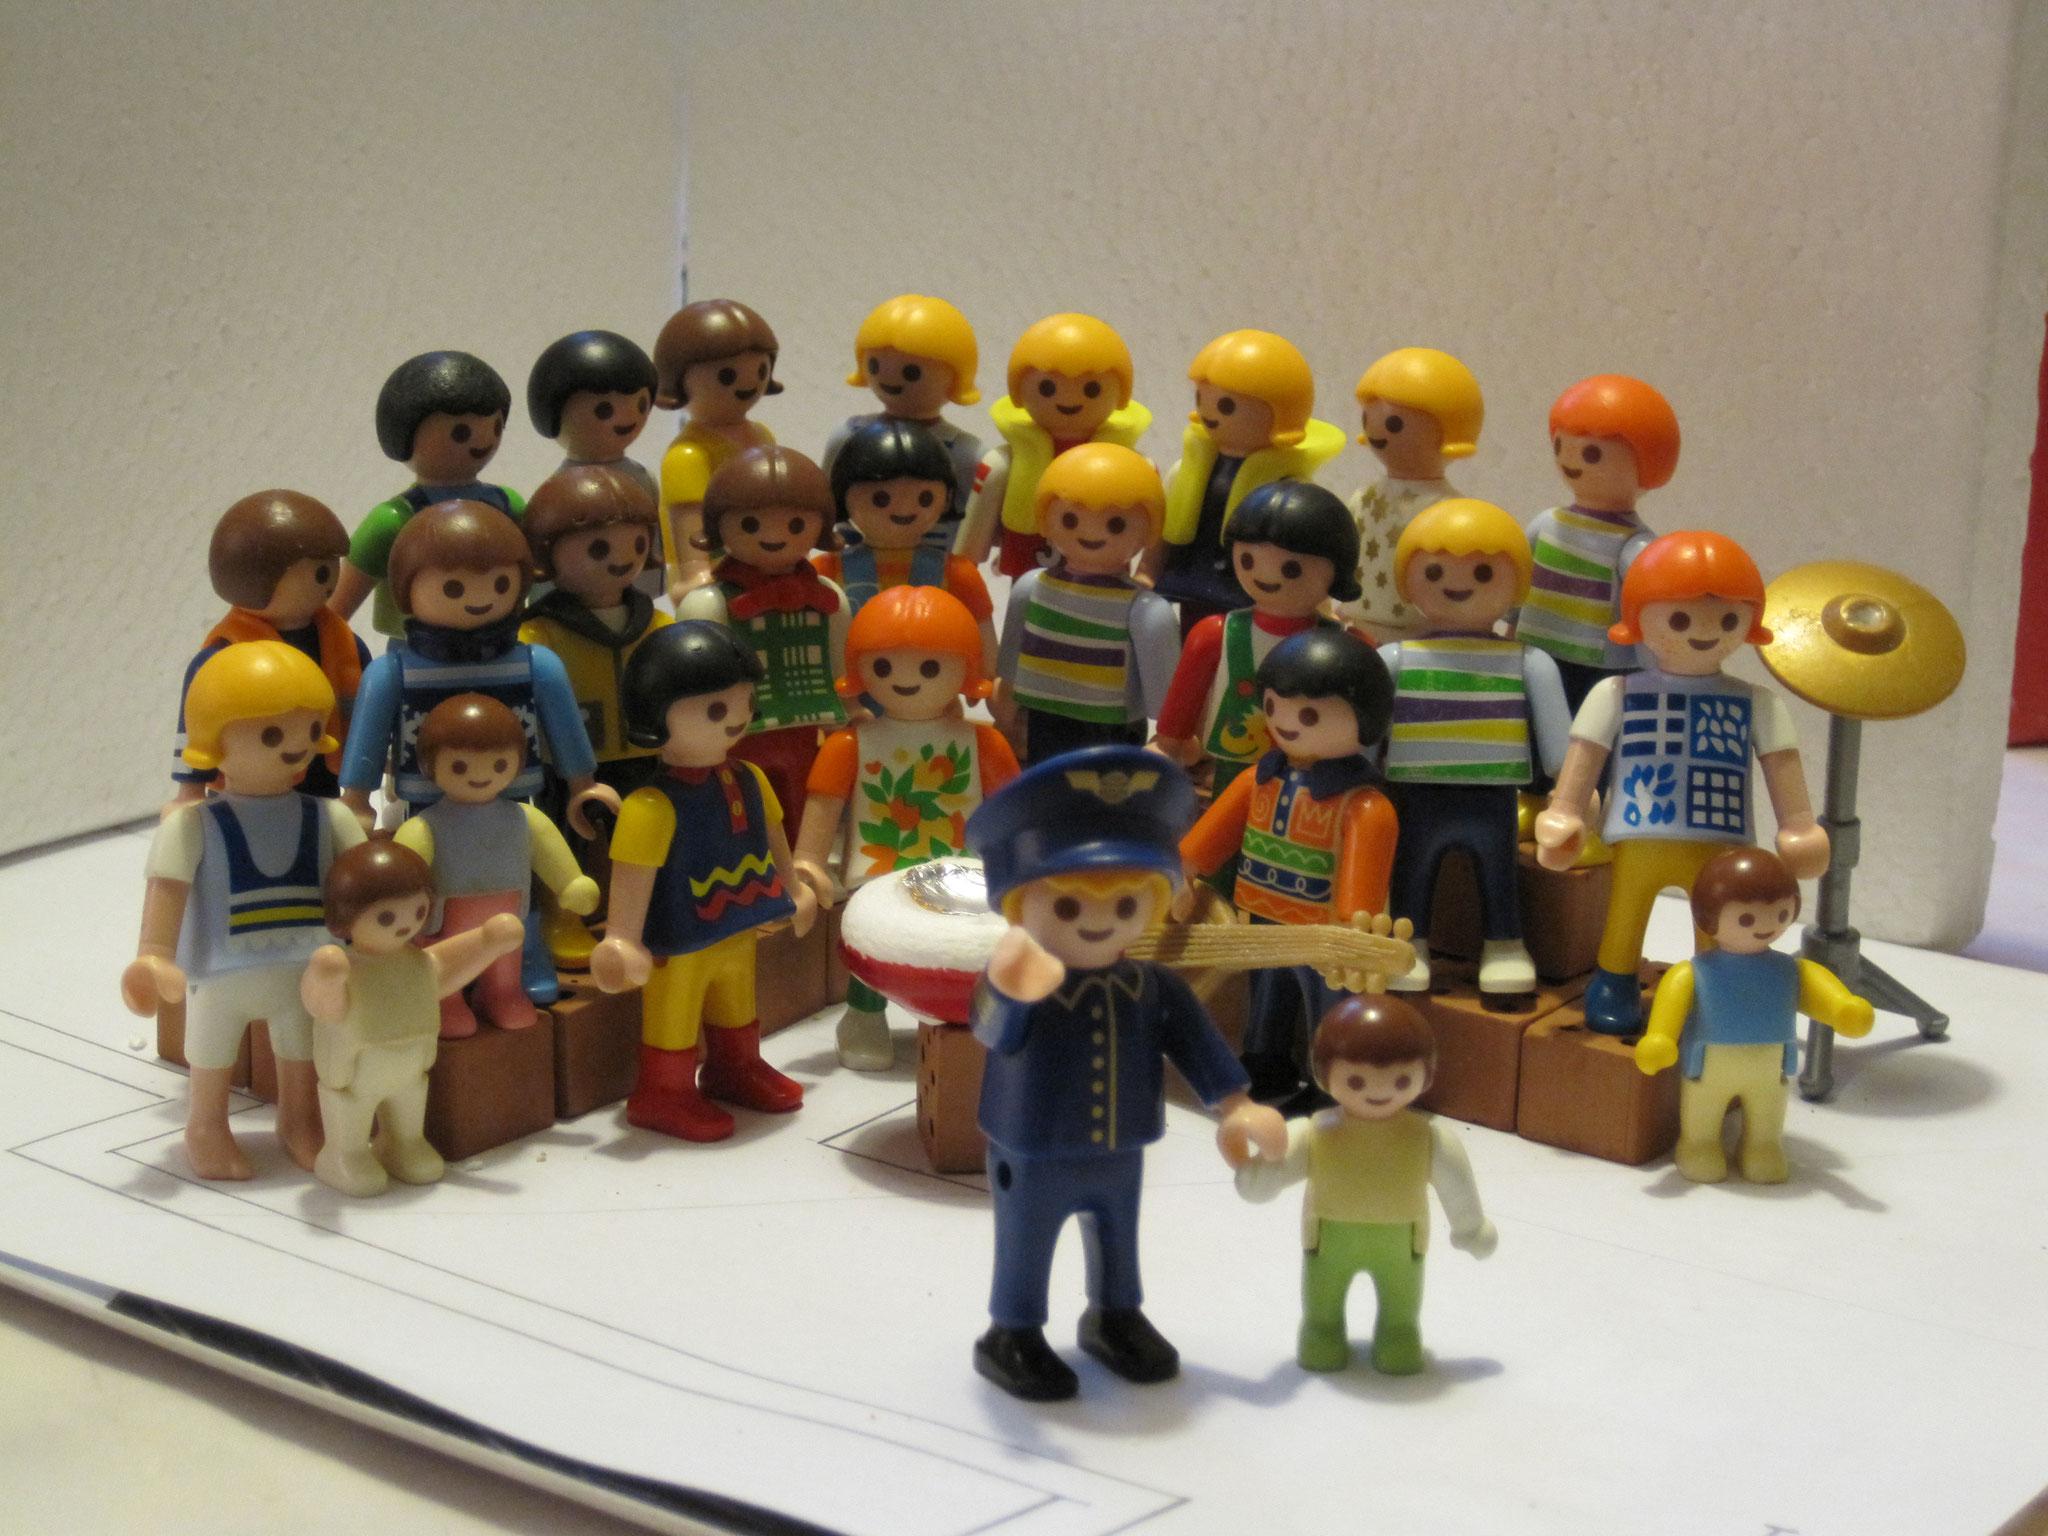 2007 Playmobil